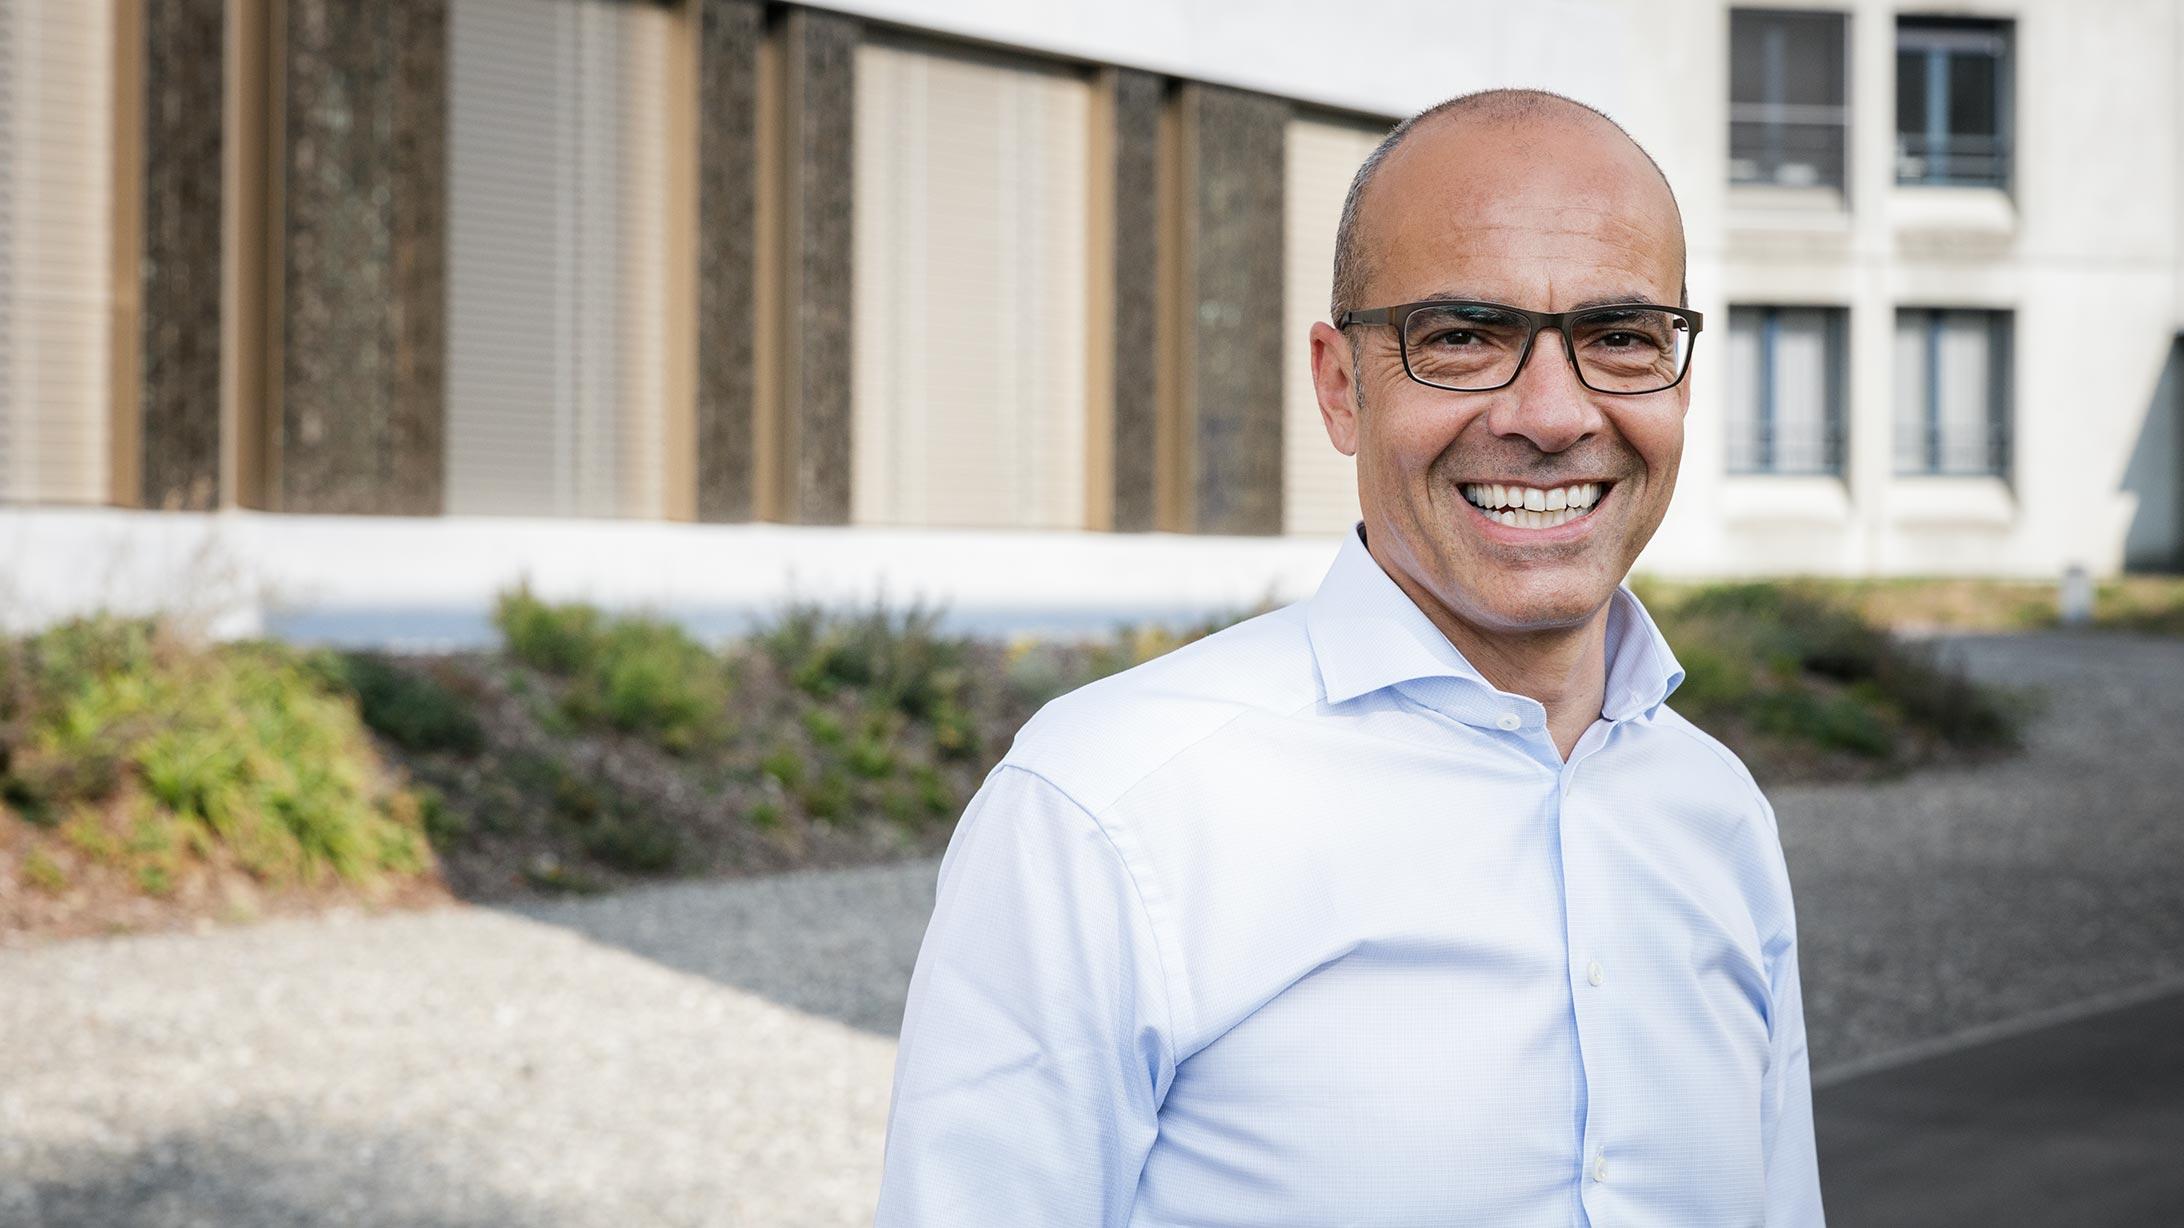 Portraitfoto von Karim Eid, Chefarzt Orthopädie.